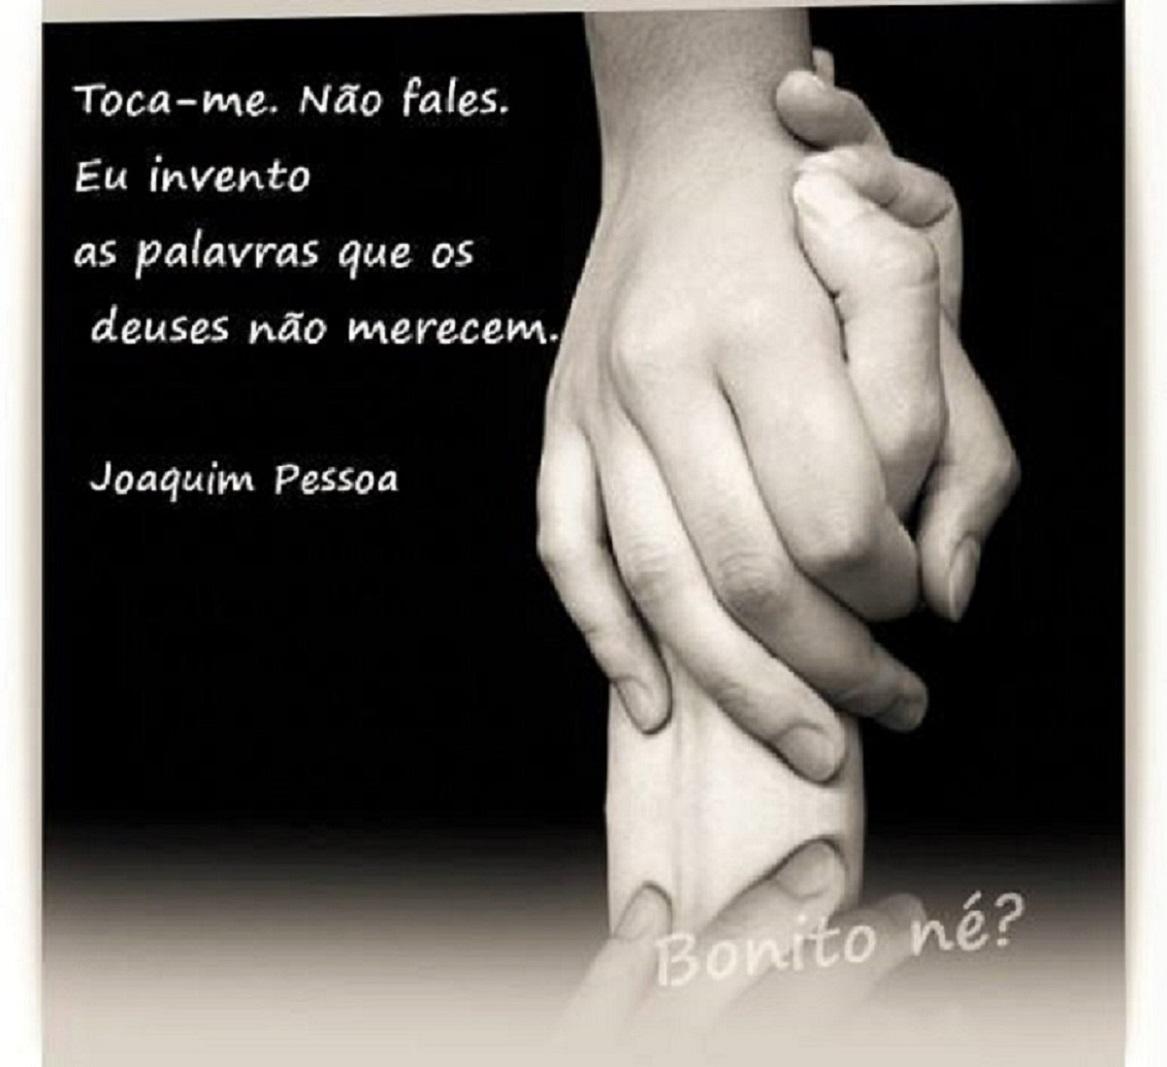 © JOAQUIM PESSOA